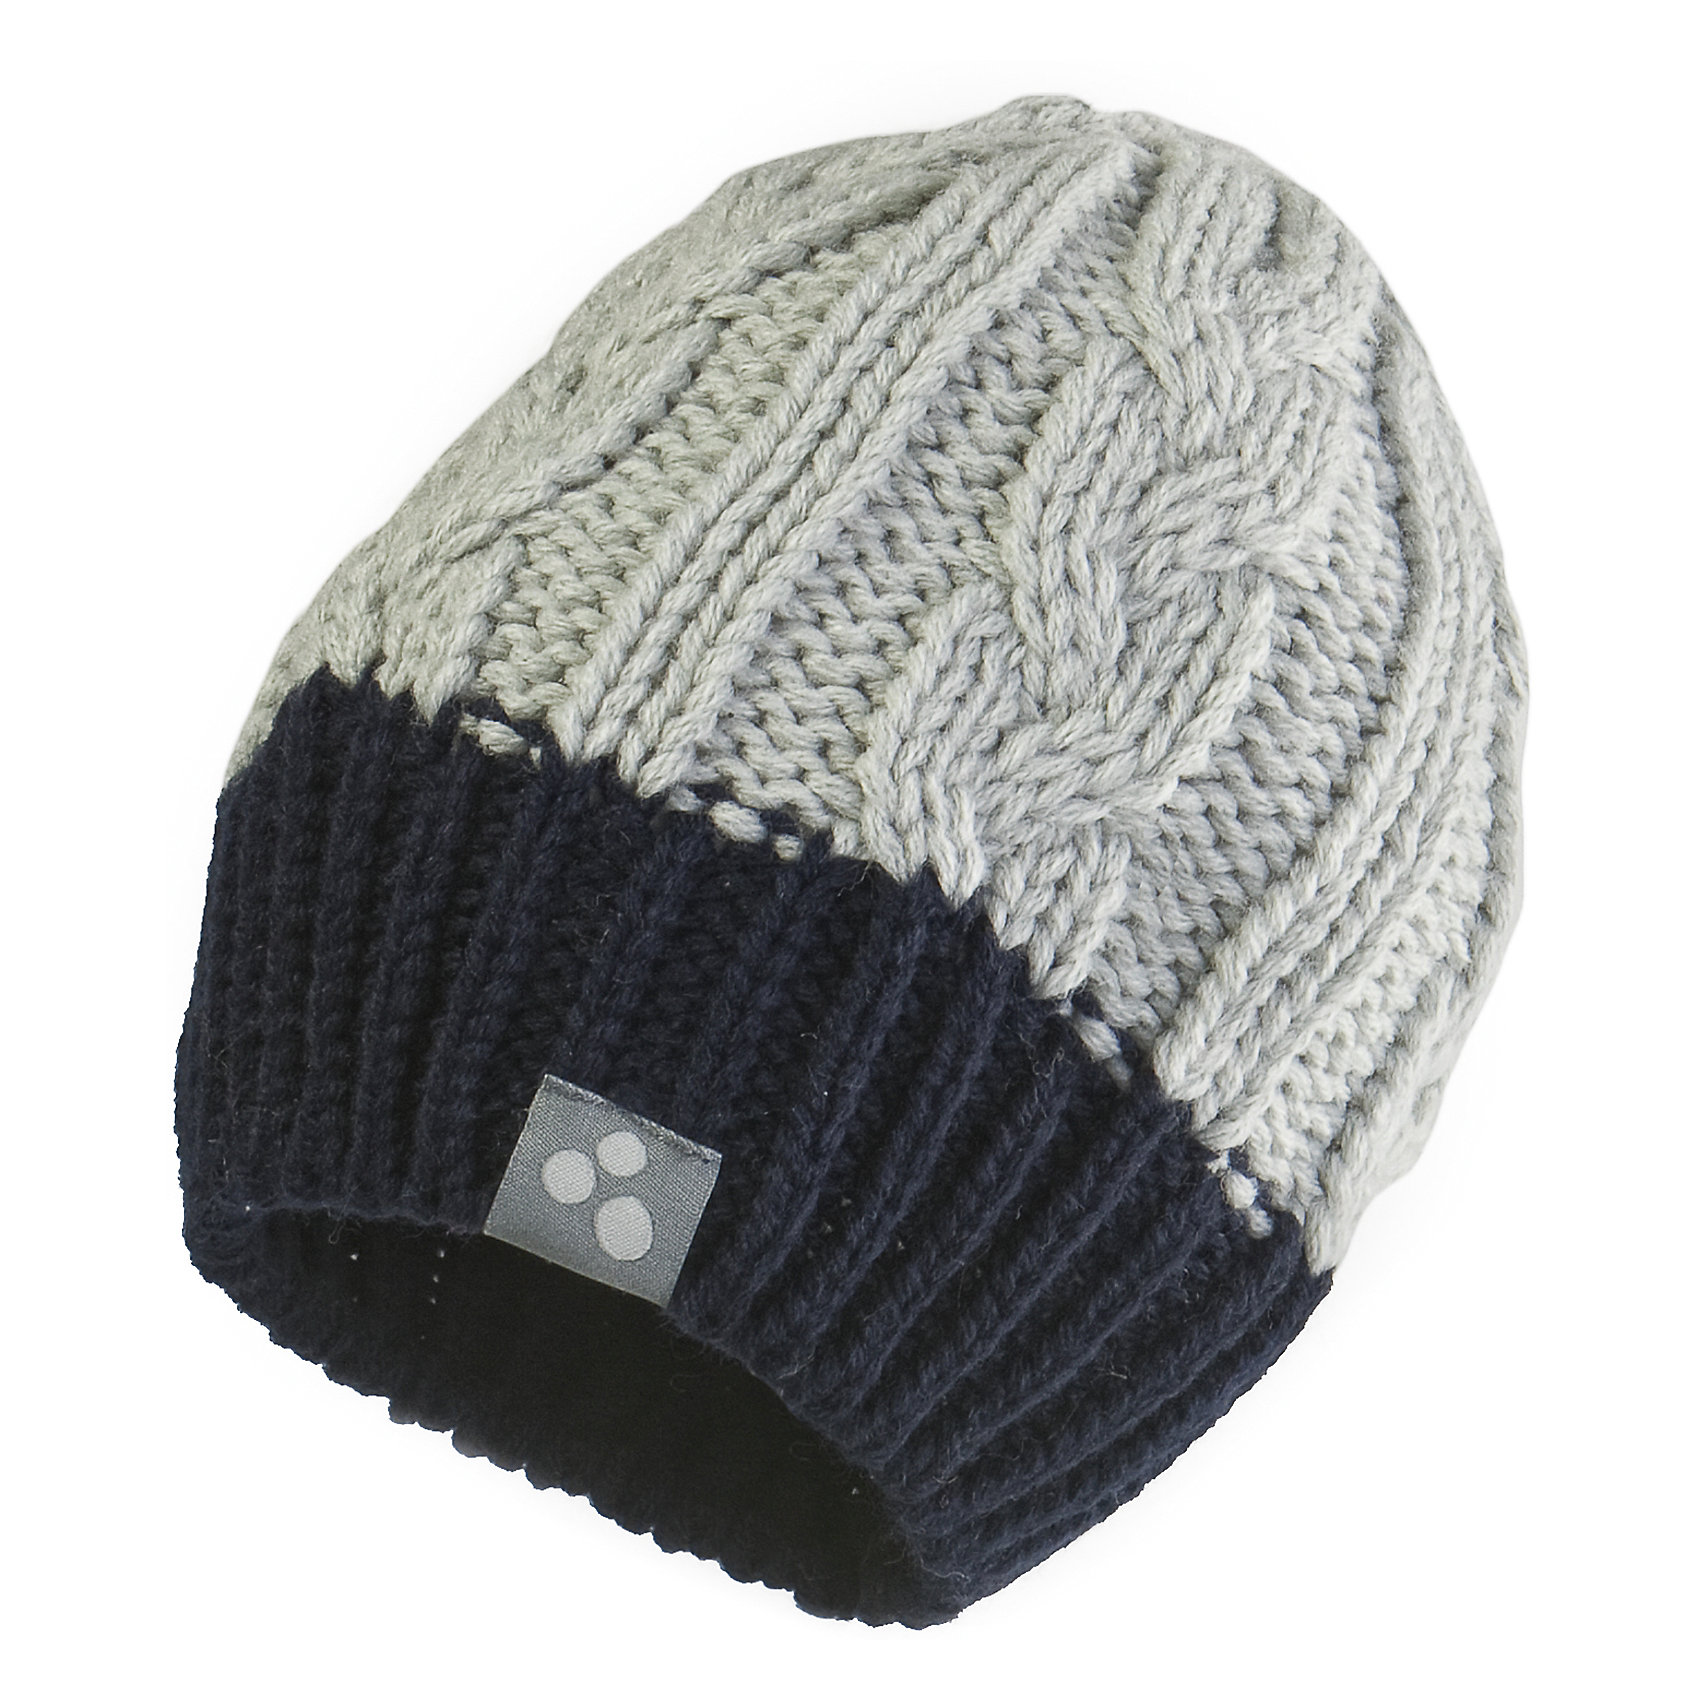 Шапка для мальчика HuppaЗимняя вязаная шапка с косичками для мальчиков. Шапка связана из 50% мериносовой шерсти и 50% акриловой пряжи. Резинка контрастных оттенков защищает уши от холодного ветра. Приятная шапка предназначена для ношения в более мягкую зимнюю погоду их хорошо сочетается с любой верхней одеждой.<br><br>Шапку для мальчика Huppa (Хуппа) можно купить в нашем магазине.<br><br>Ширина мм: 89<br>Глубина мм: 117<br>Высота мм: 44<br>Вес г: 155<br>Цвет: серый<br>Возраст от месяцев: 144<br>Возраст до месяцев: 168<br>Пол: Мужской<br>Возраст: Детский<br>Размер: 57,55-57,51-53<br>SKU: 4242747